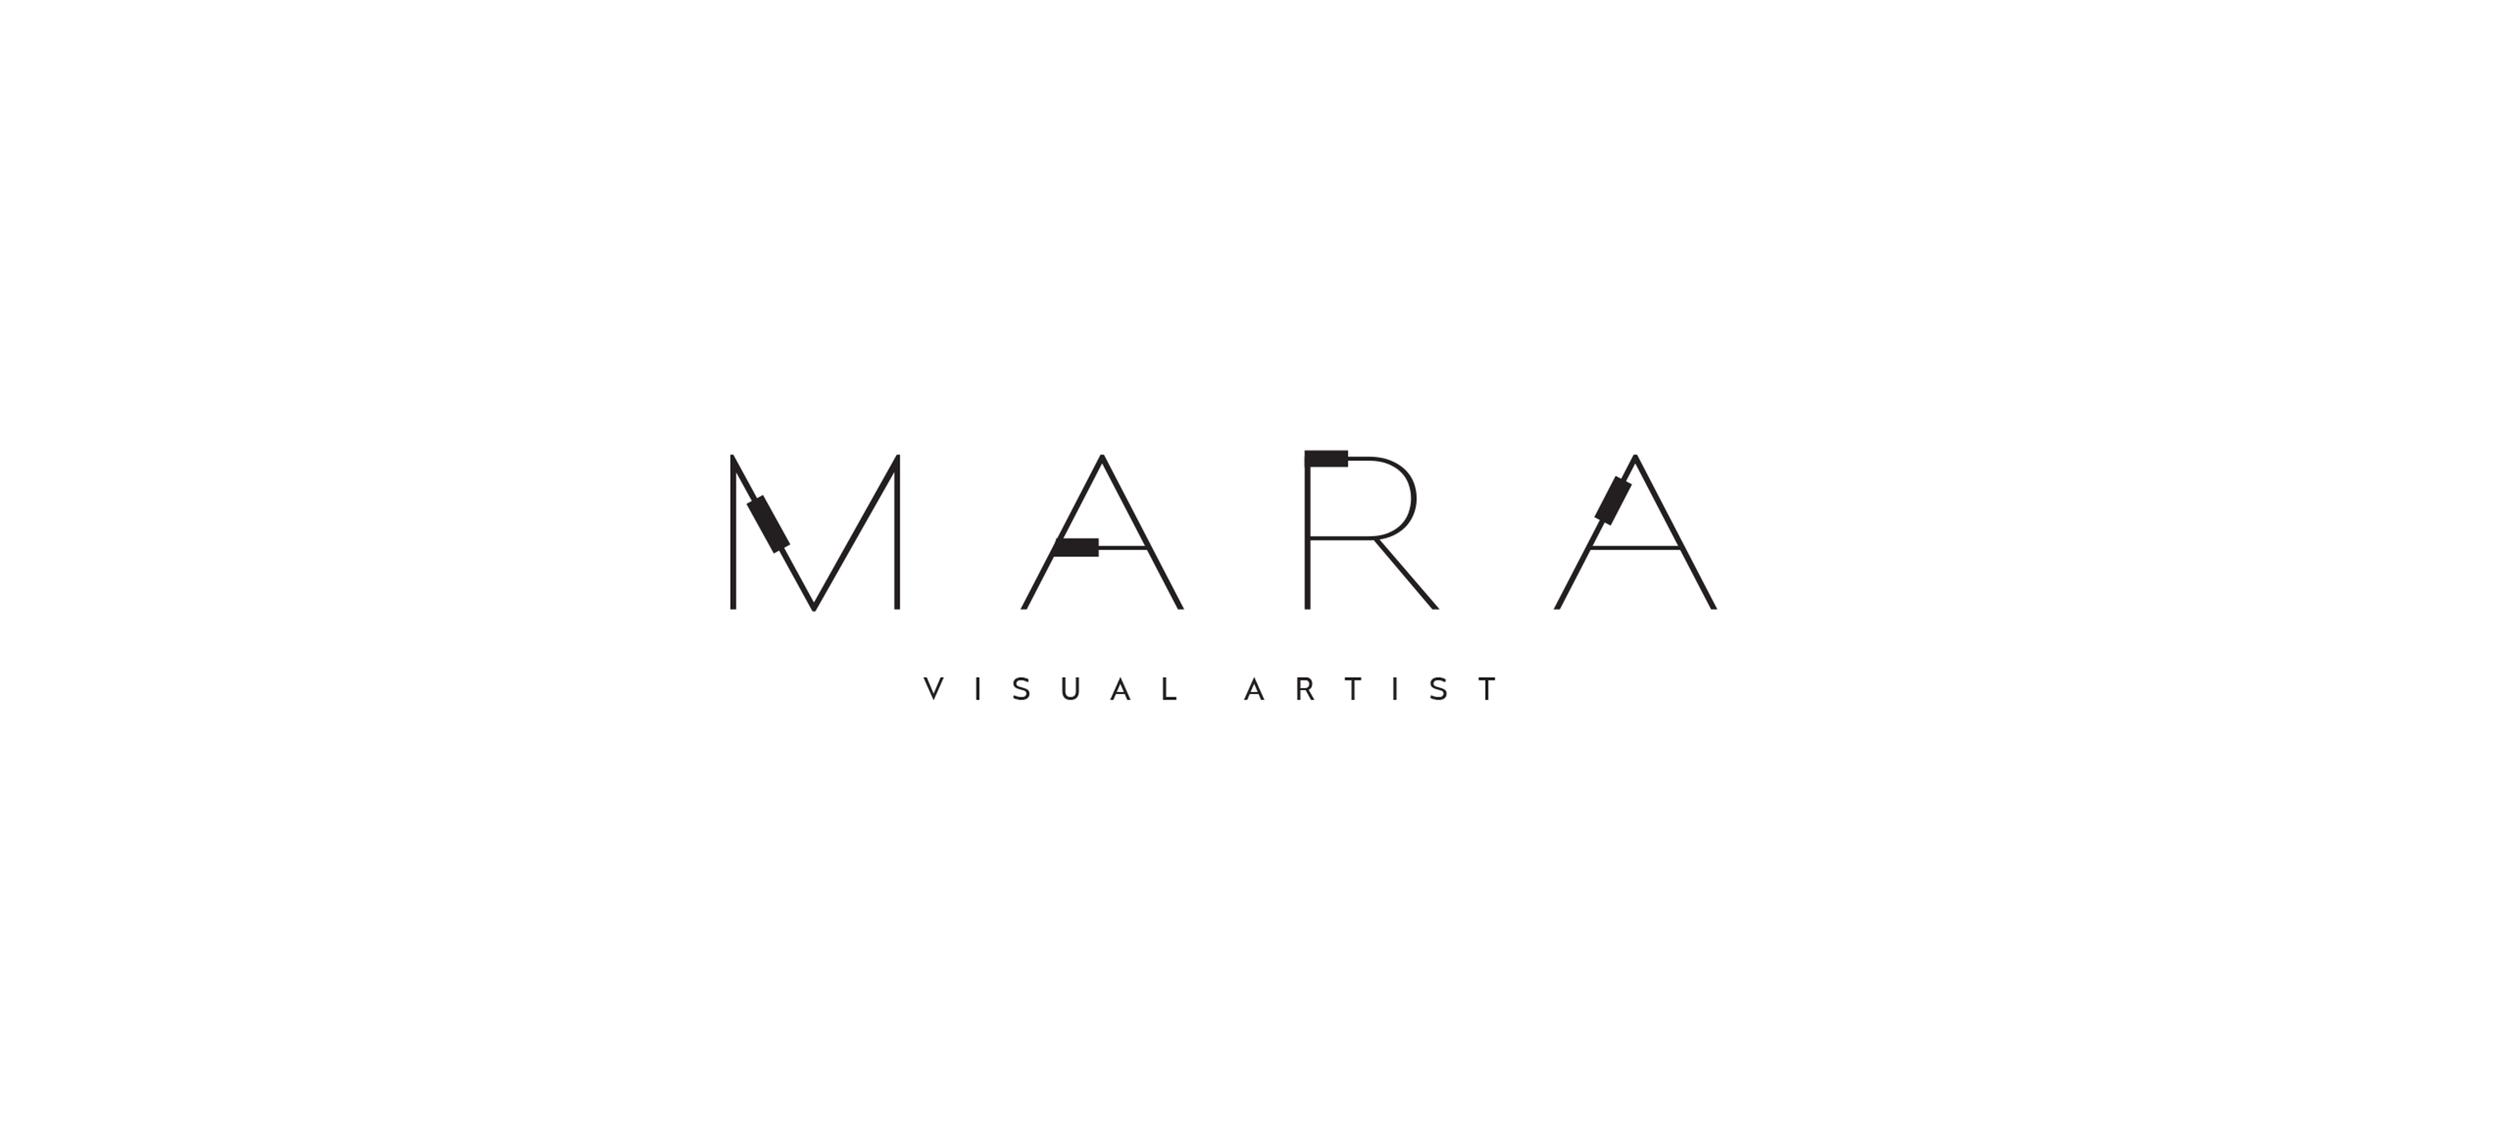 Mara-Harvey-Logo1-Allison-Henry.jpg